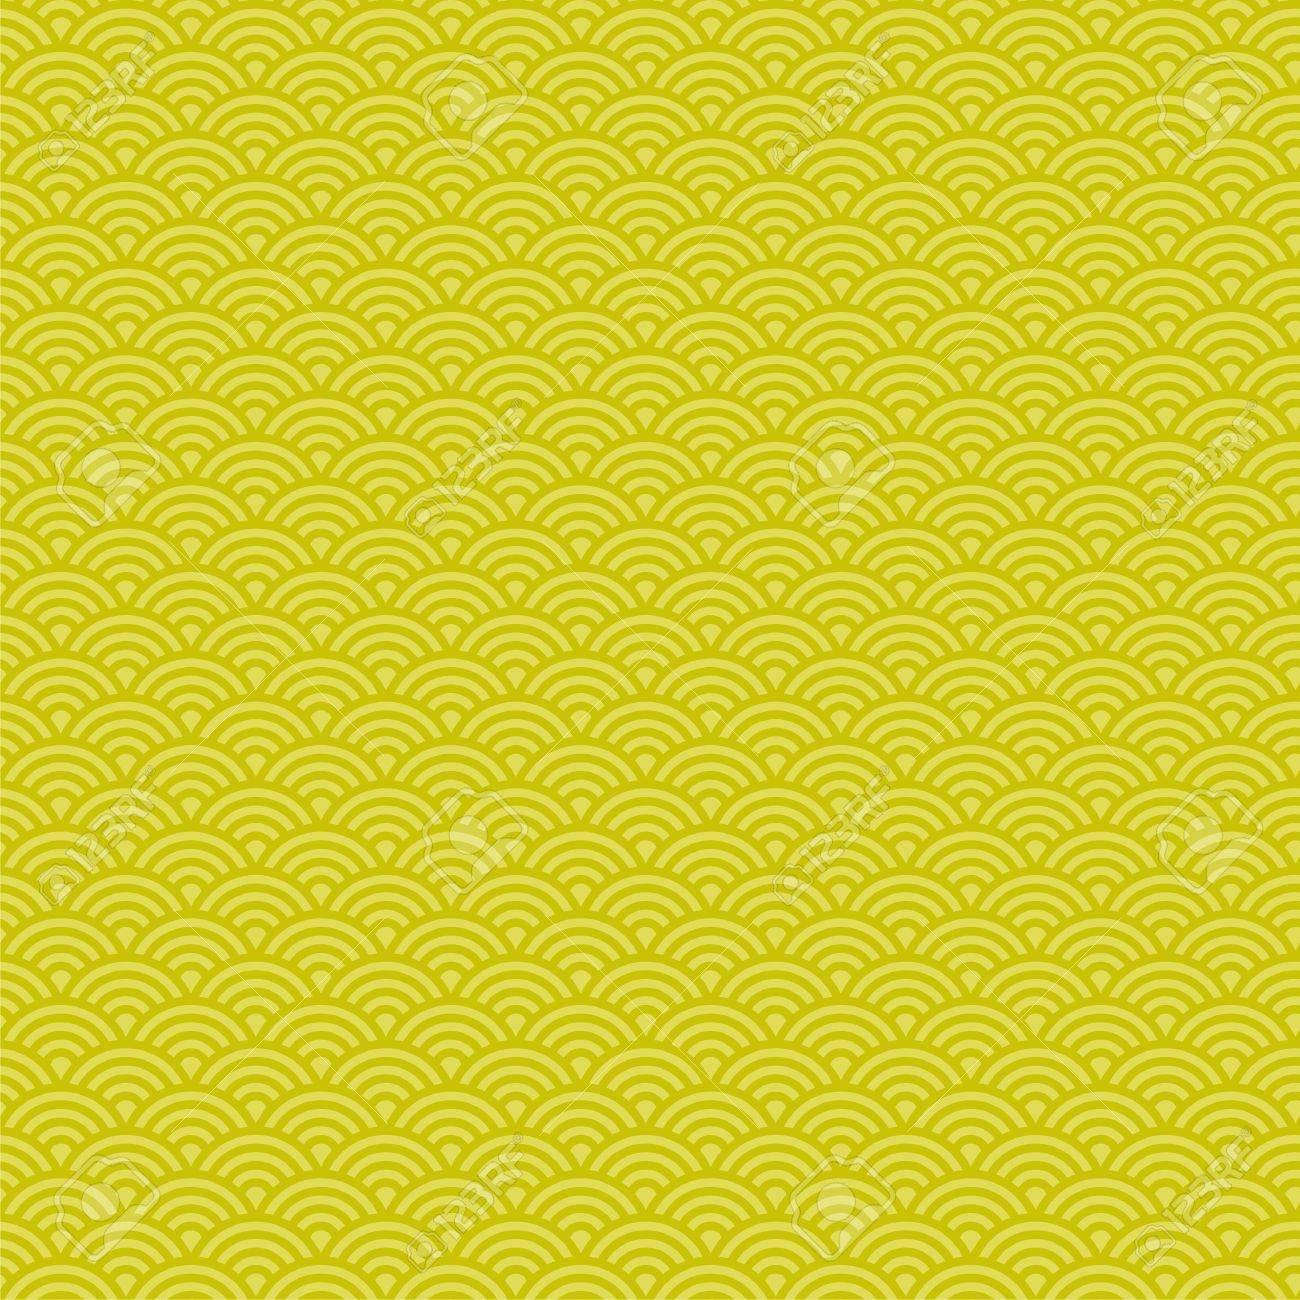 アジアン スタイルで抽象的なシームレスな壁紙タイル シリーズのイラスト素材 ベクタ Image